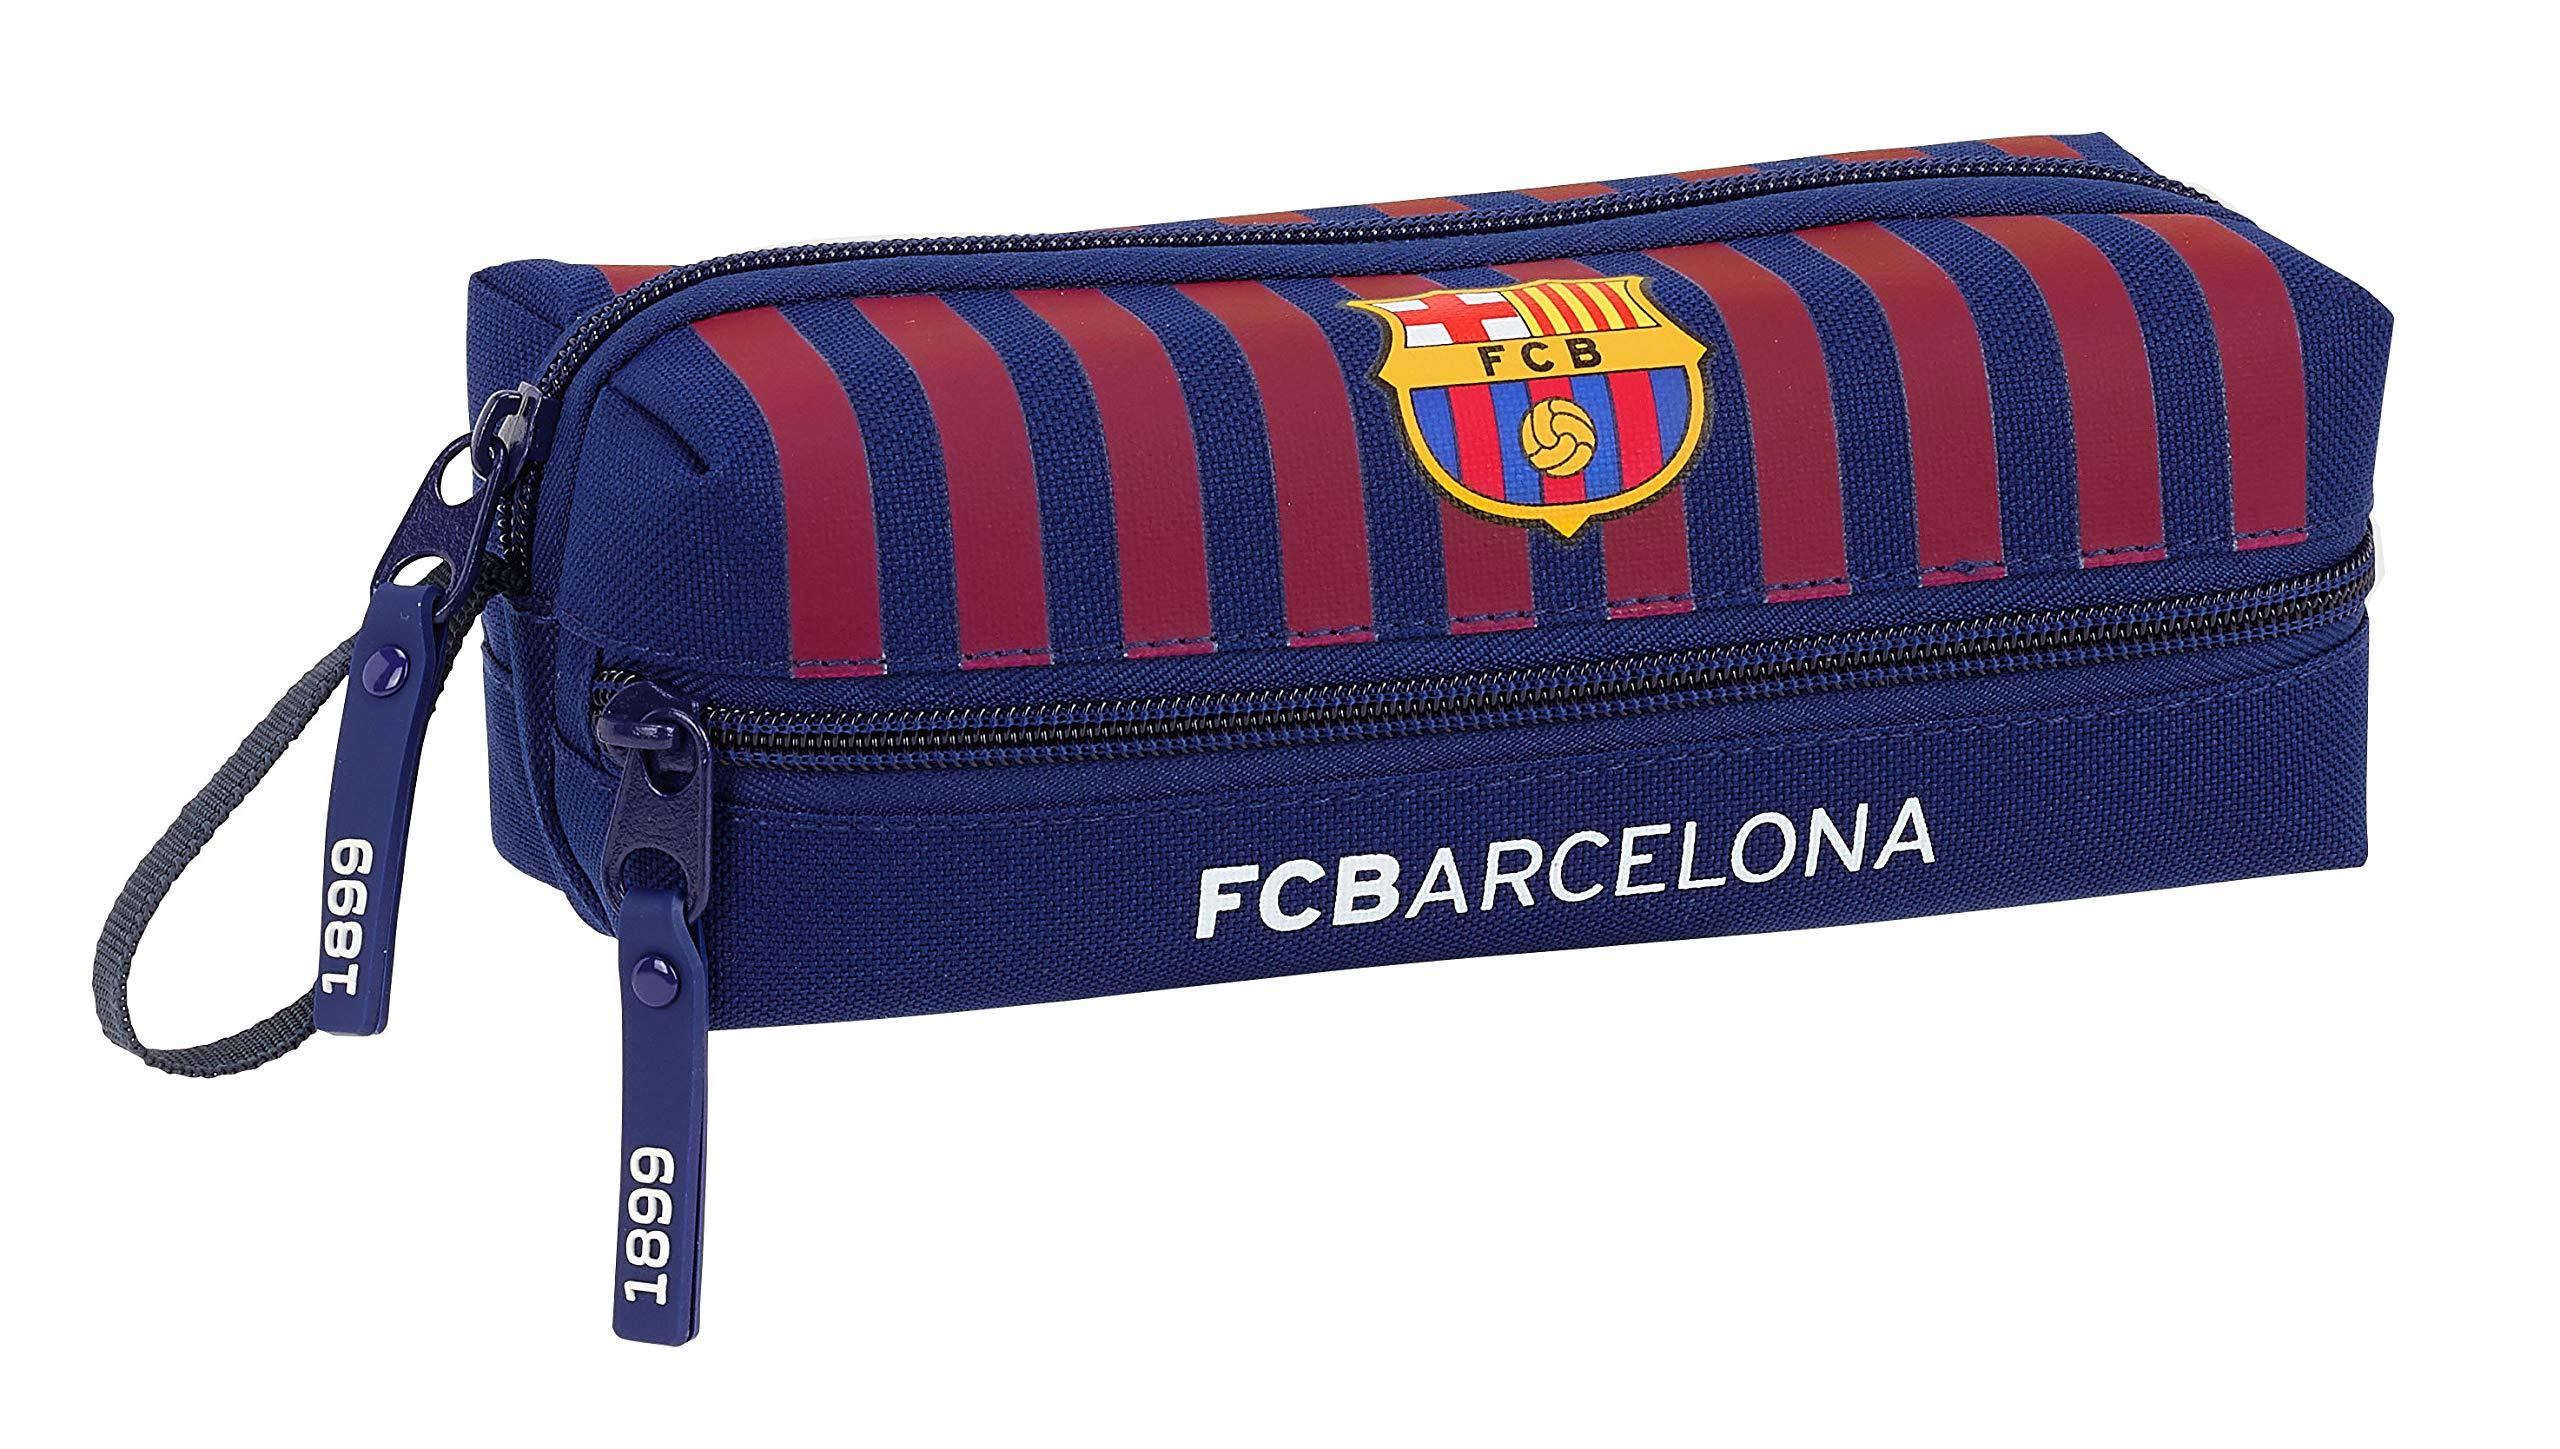 Estuches Escolares FC Barcelona - Mejor Precio 2019  fbeb116afbc